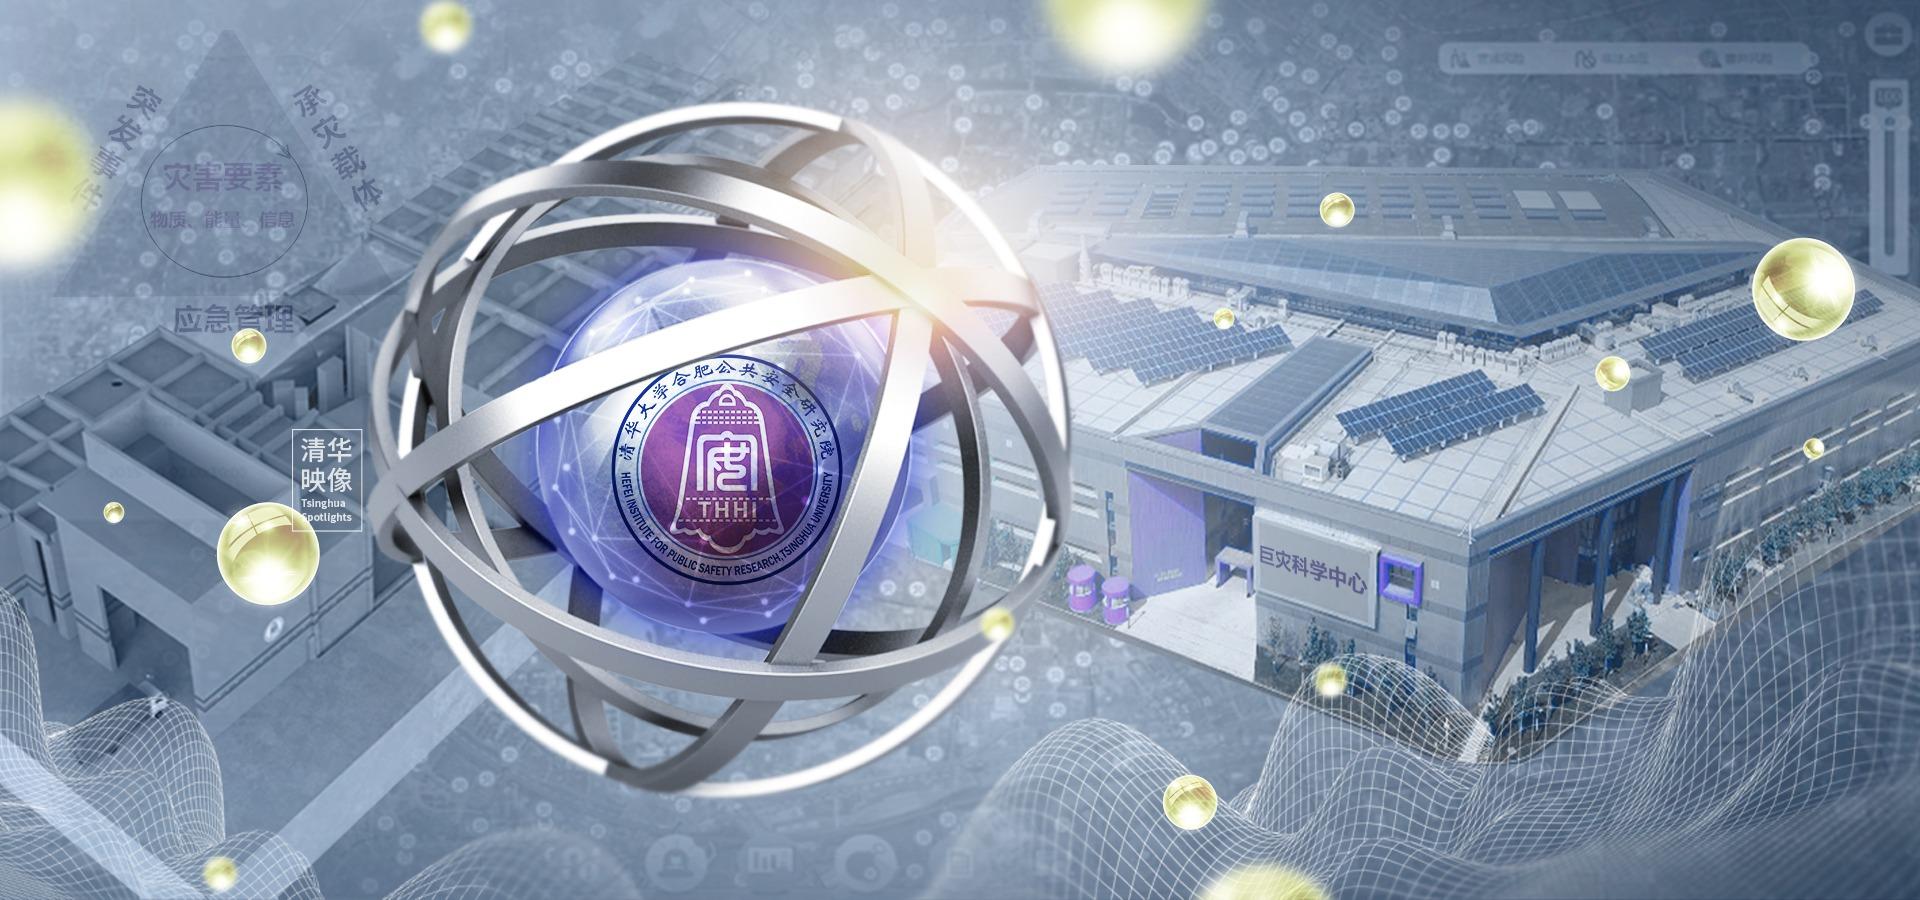 清华大学:巨灾科学中心,探索巨灾防控的无限可能